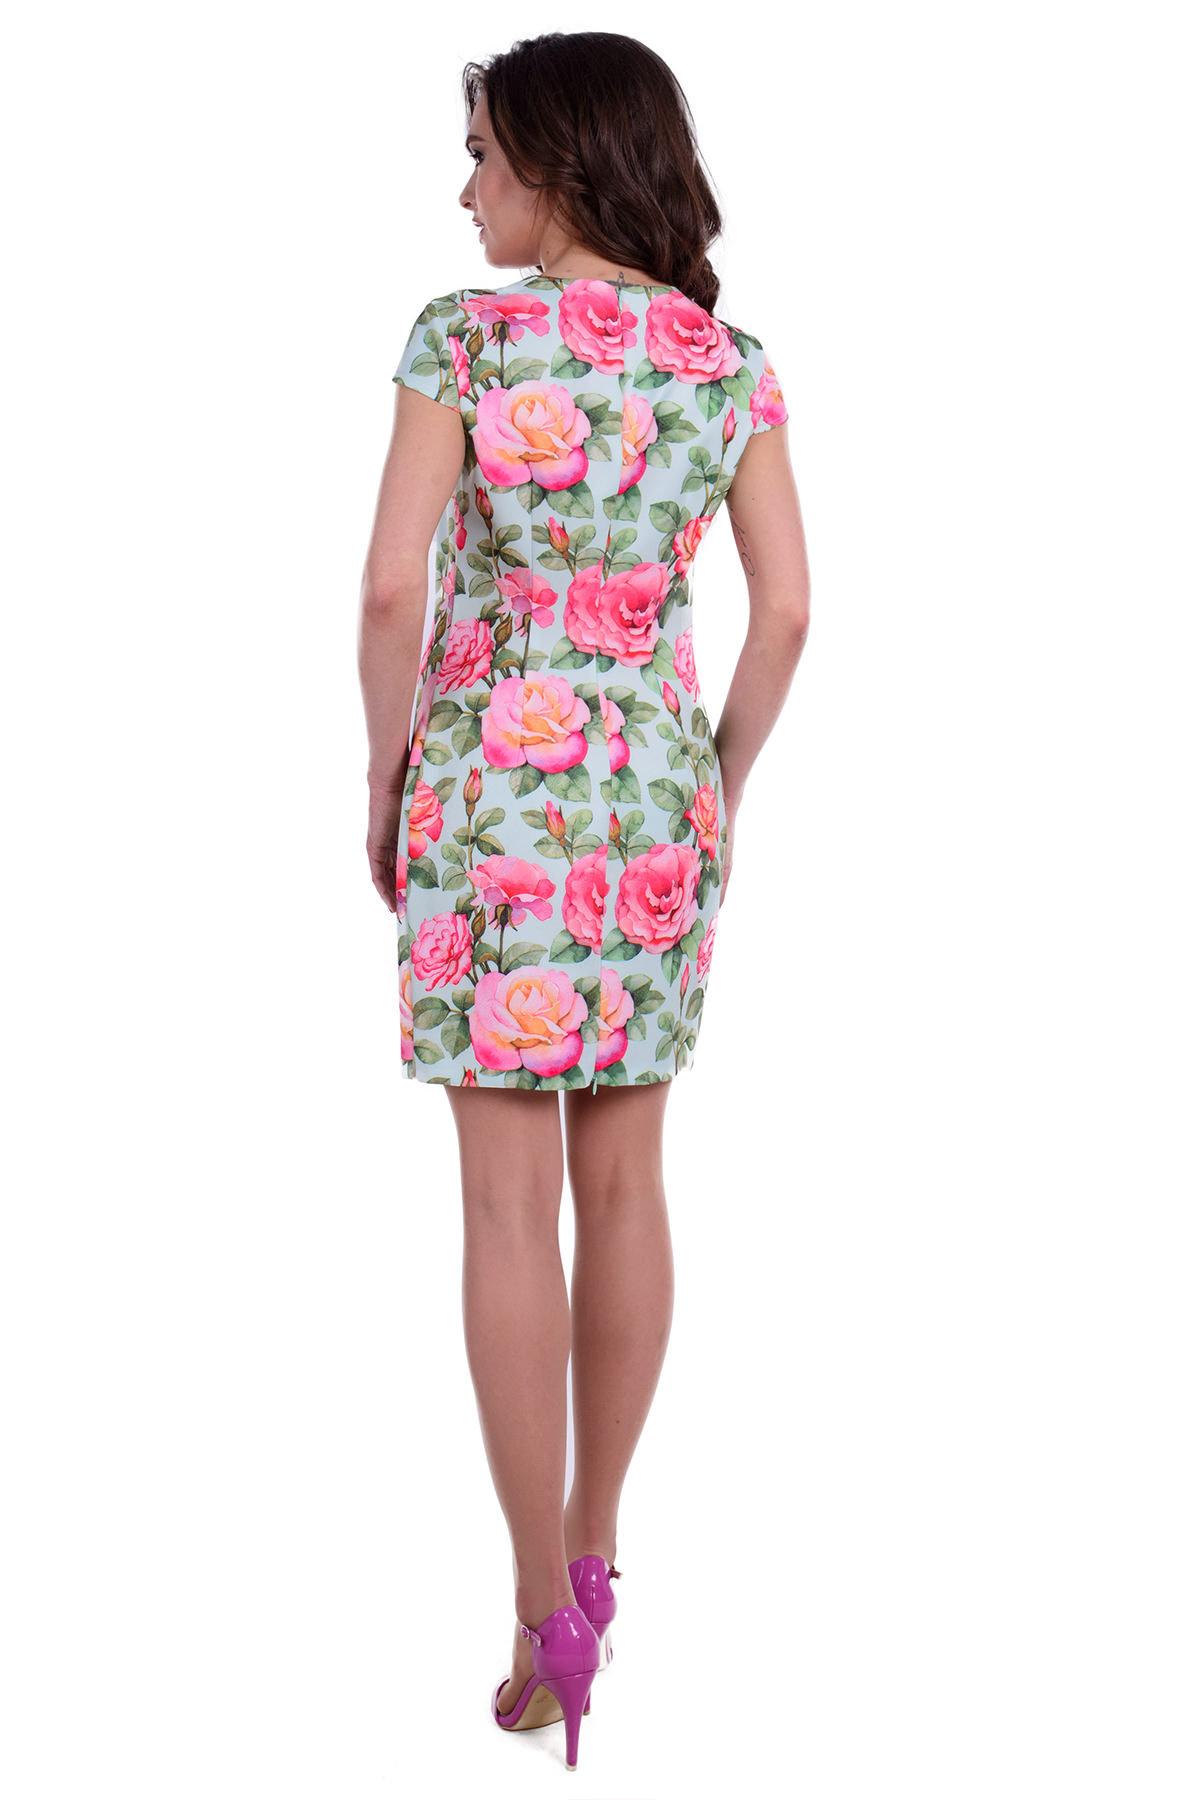 Платье Пиония лайт 94 Цвет: Мята, Роза/розовые